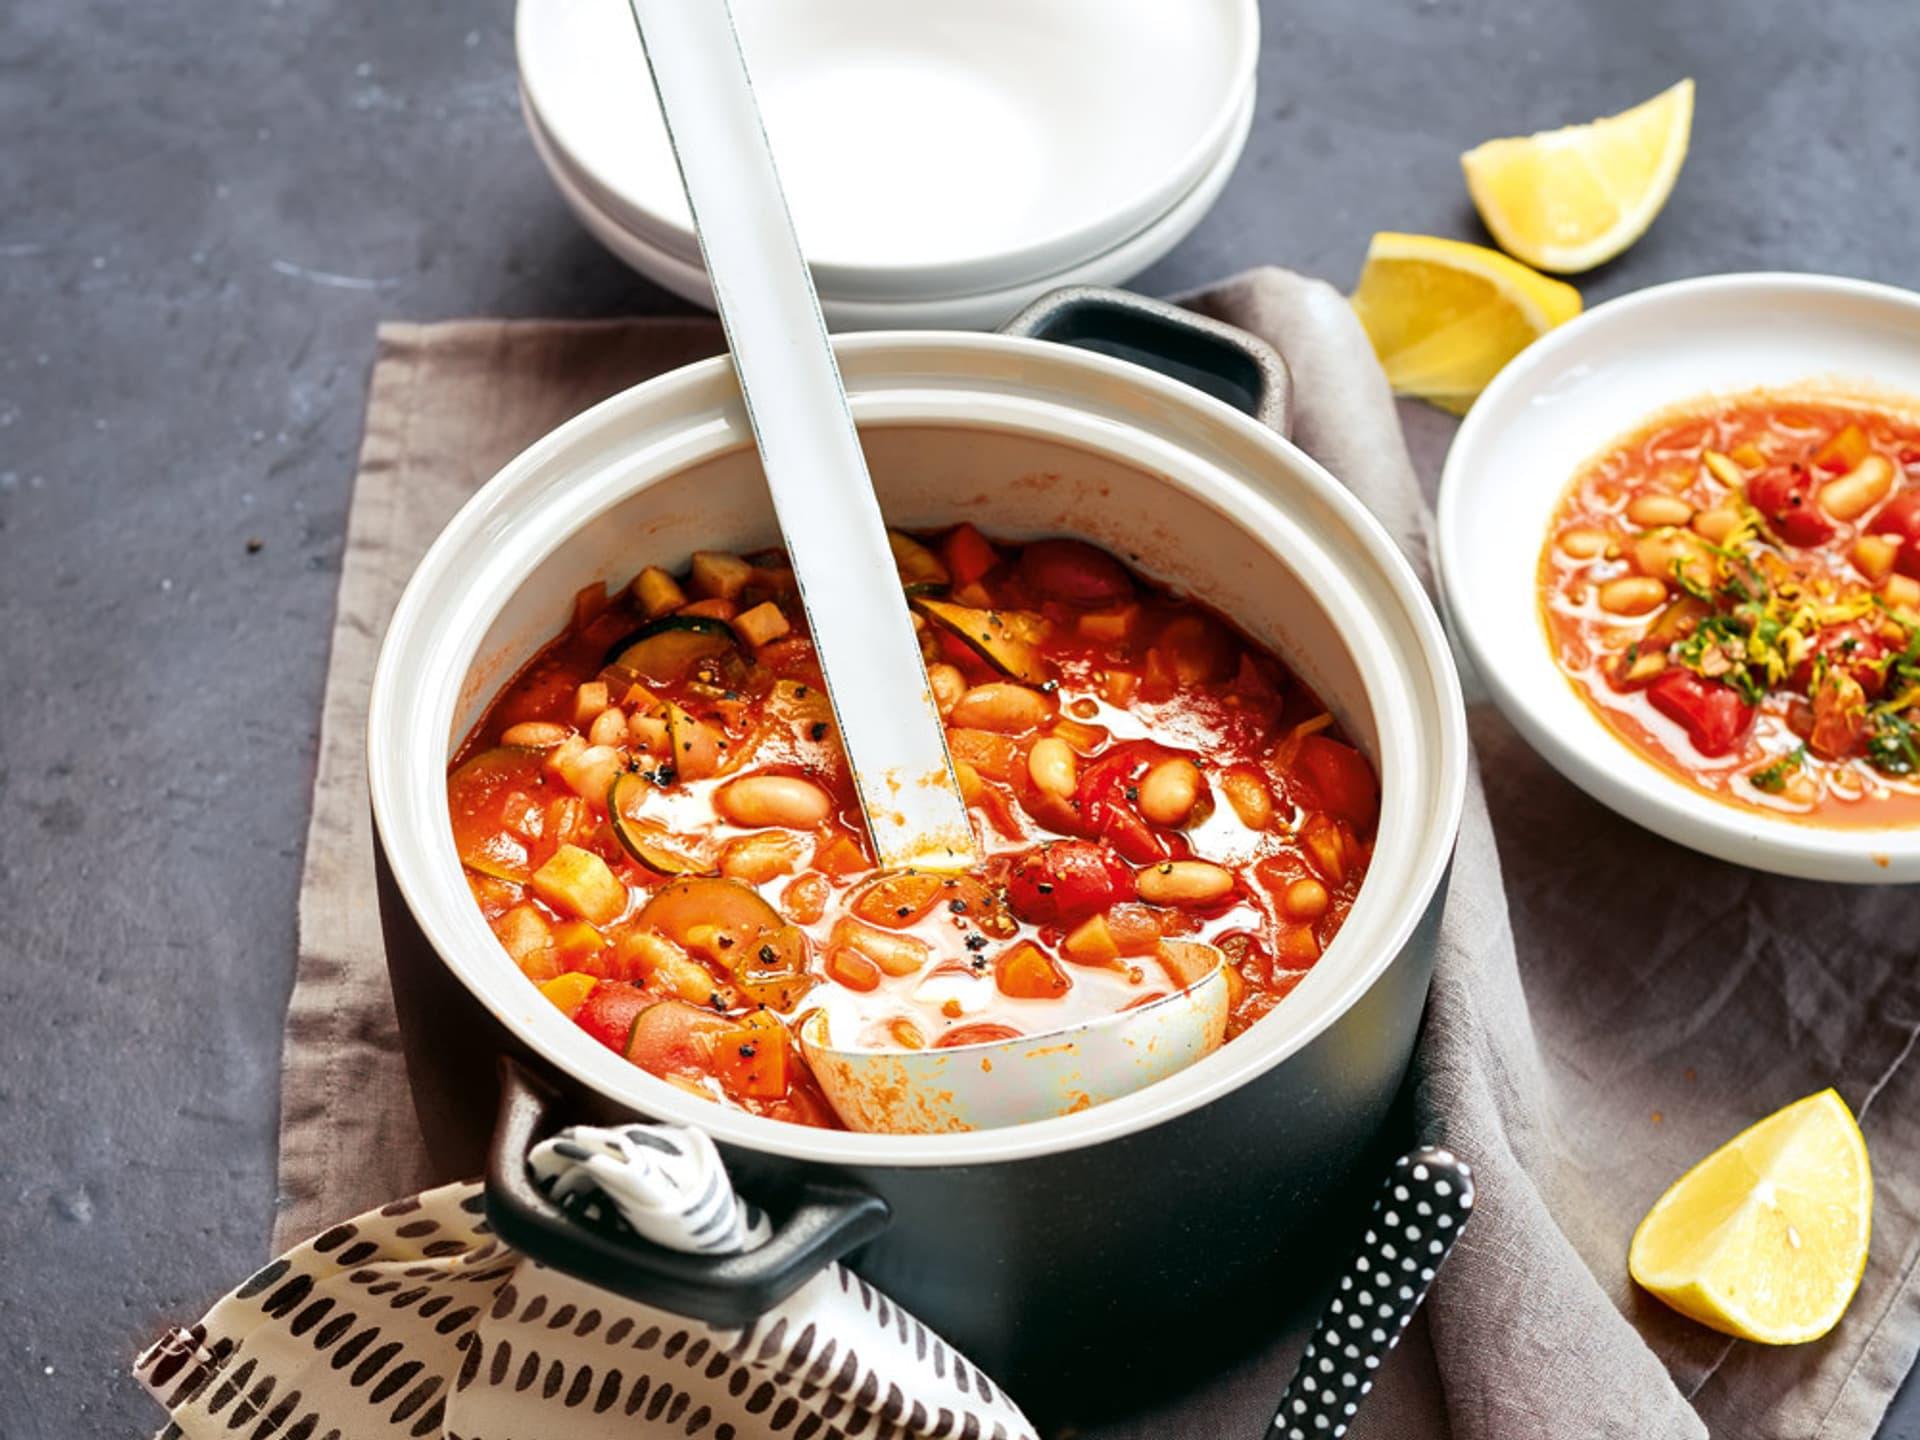 Roter Eintopf mit Bohnen in einer Suppenschüssel